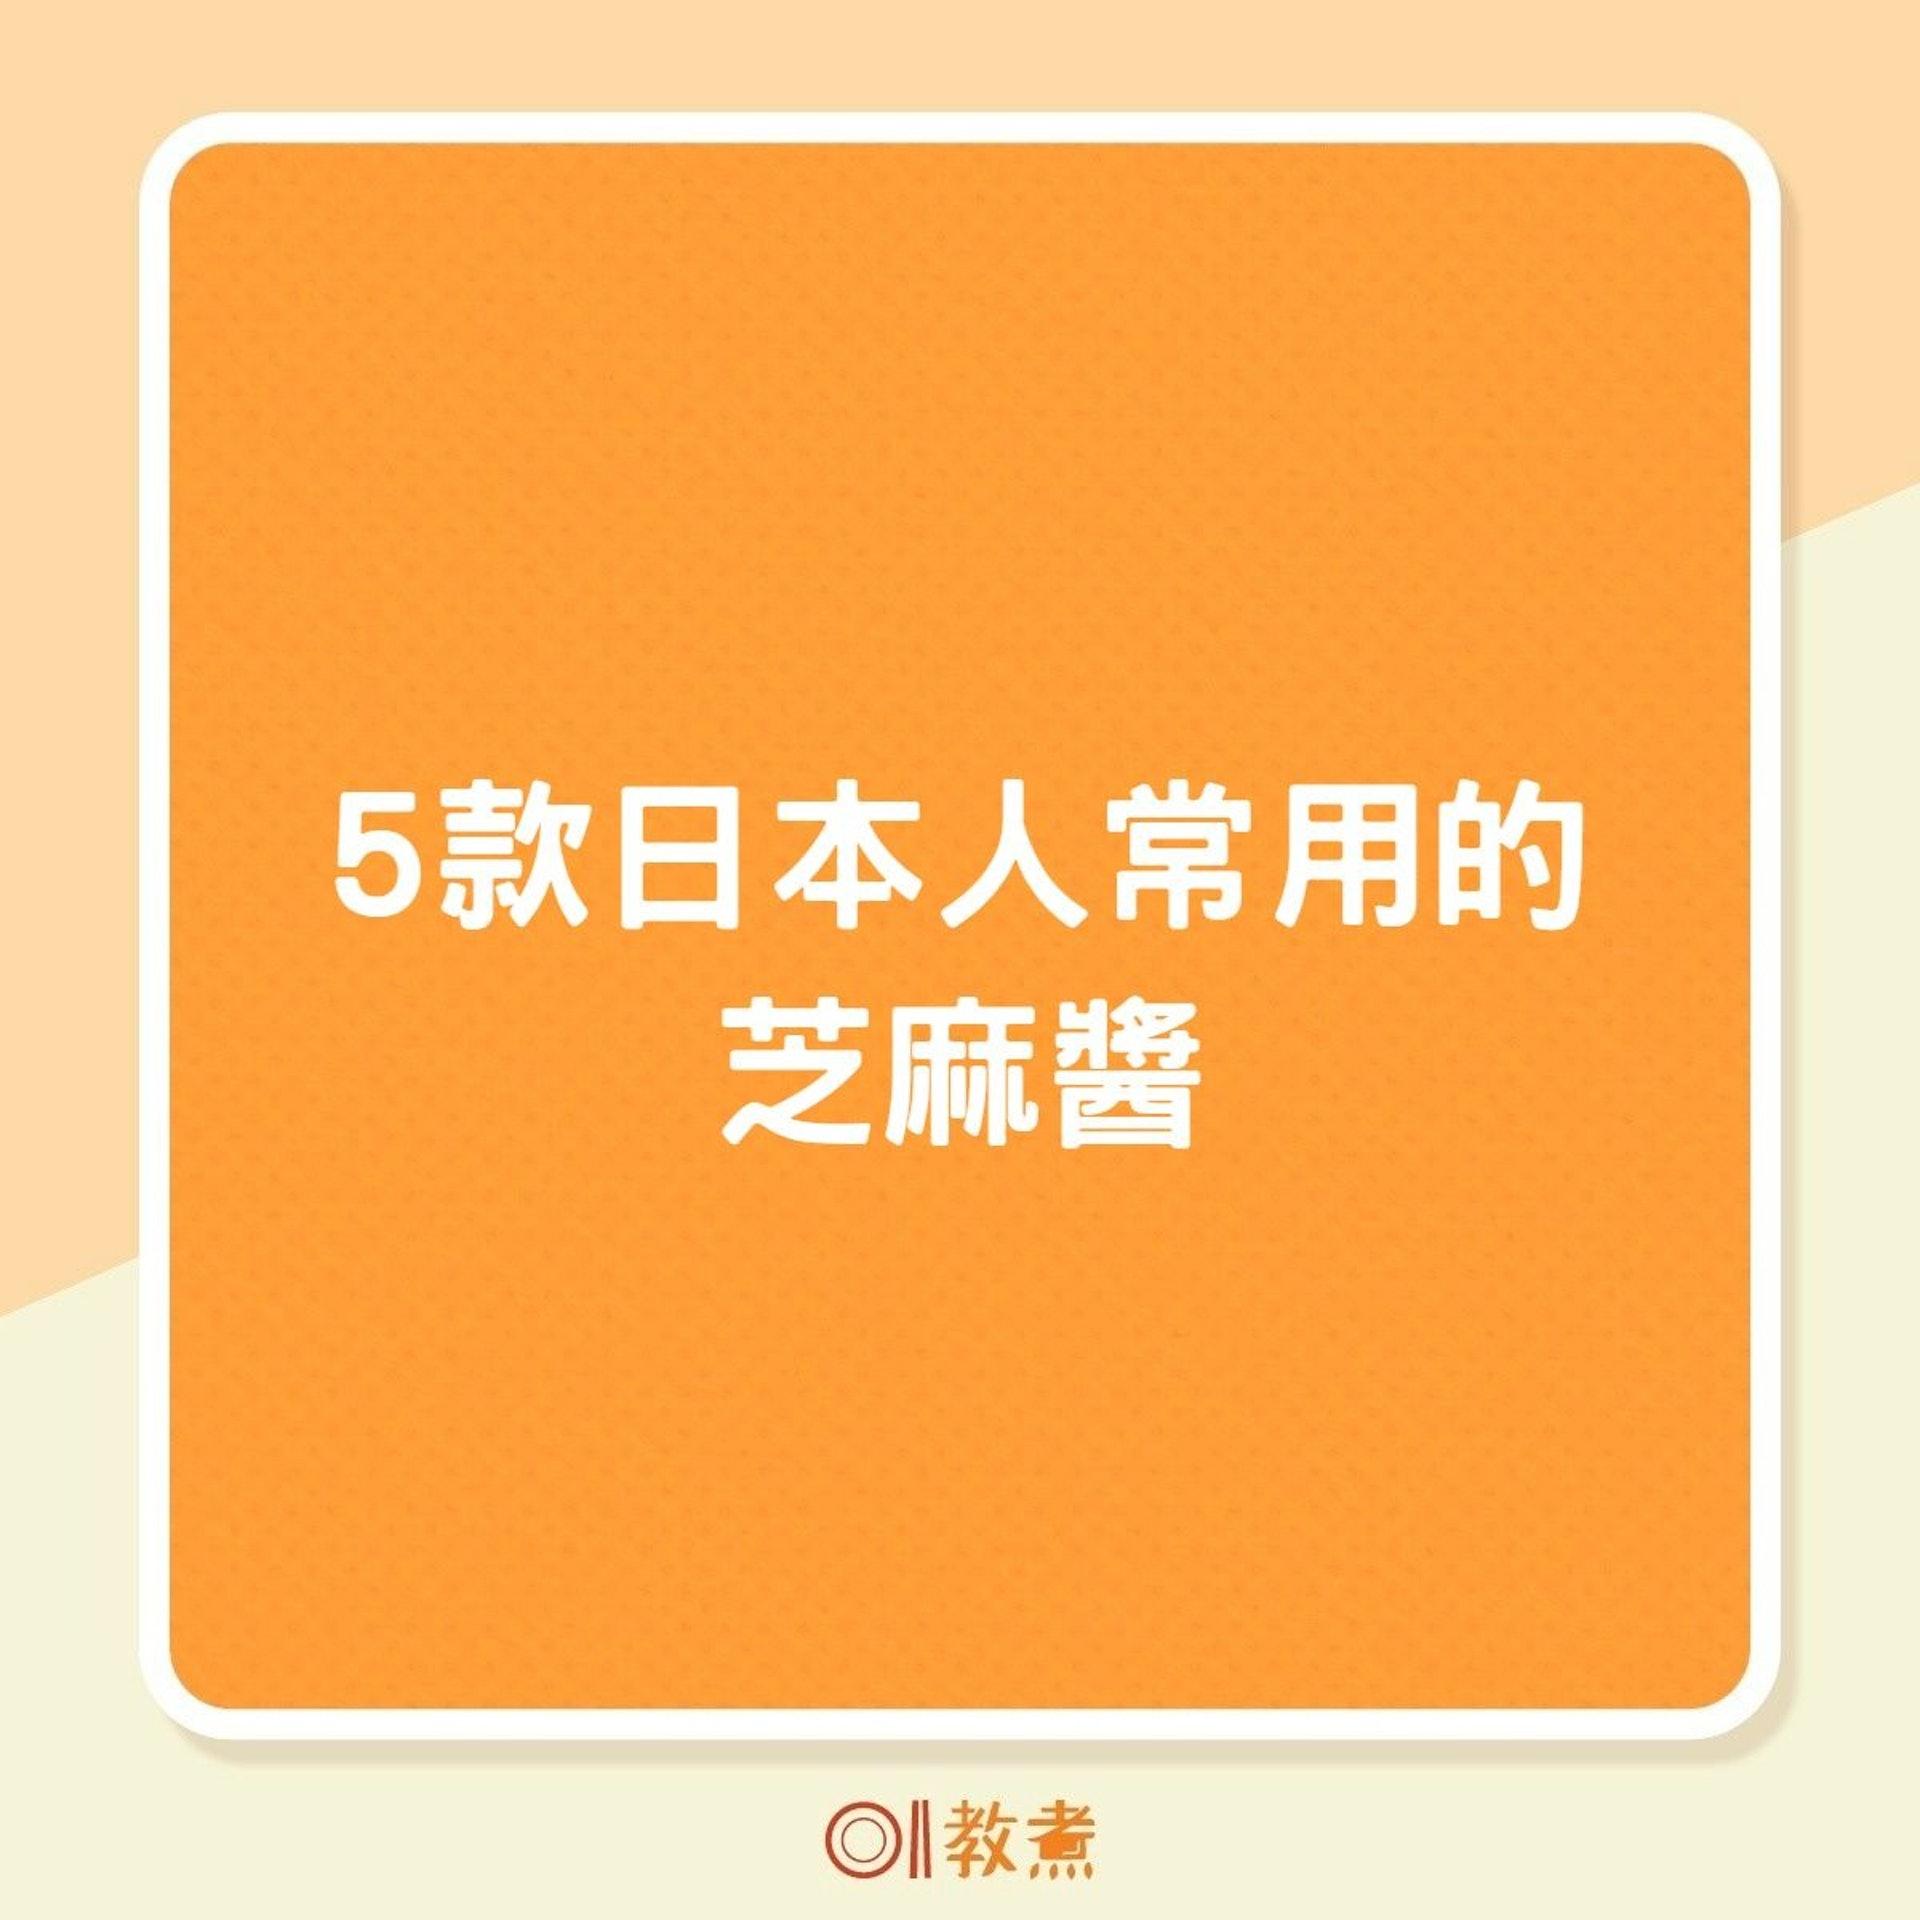 5款日本人常用的芝麻醬(01製圖)